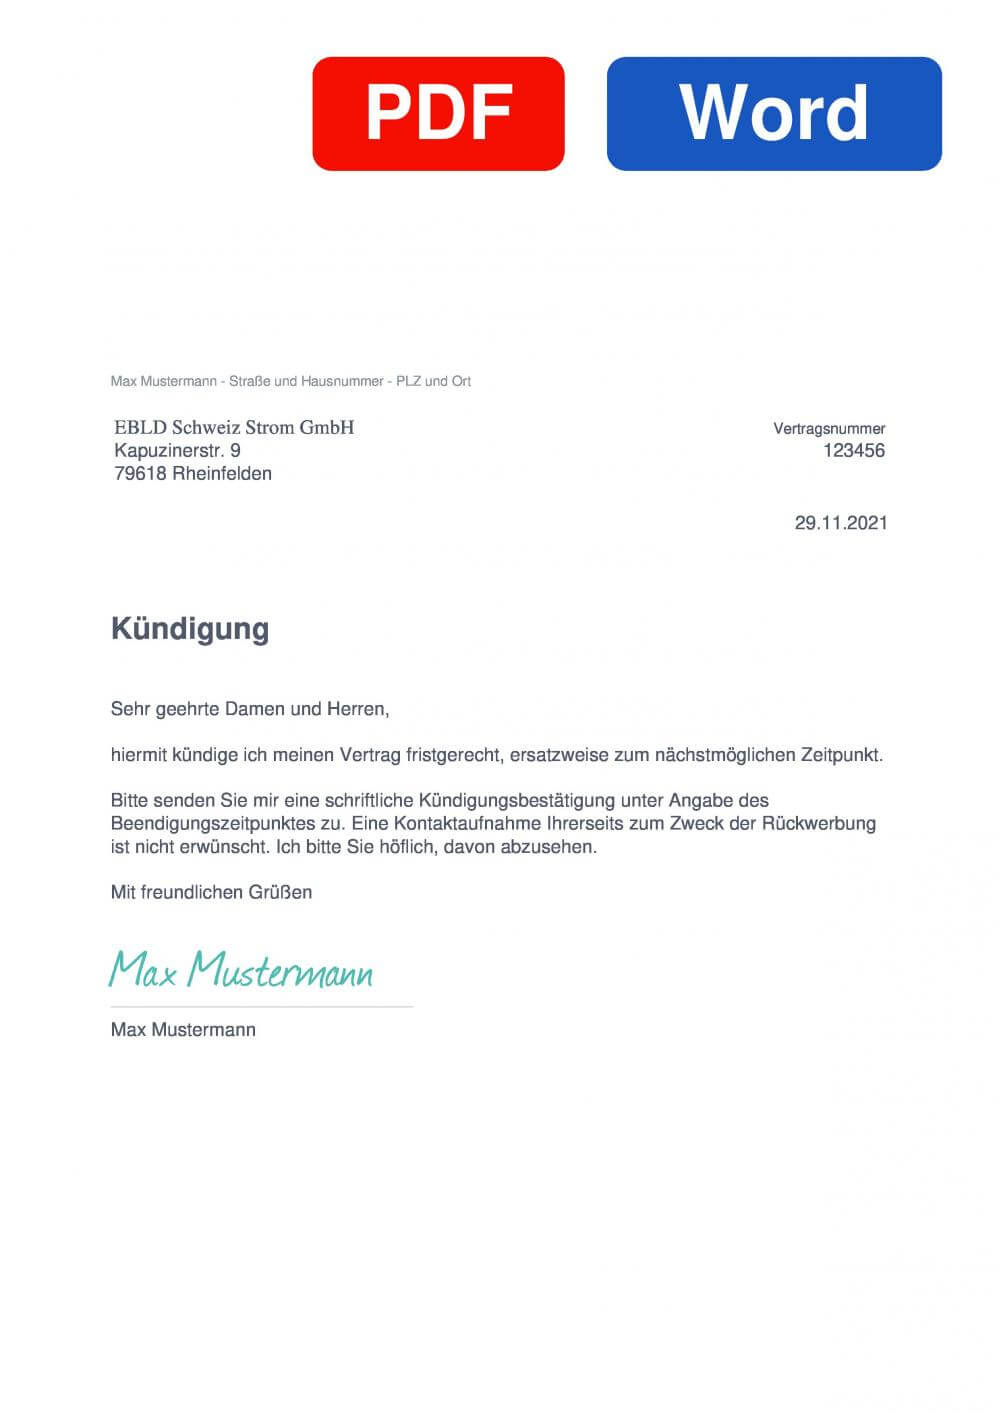 Schweizstrom Muster Vorlage für Kündigungsschreiben